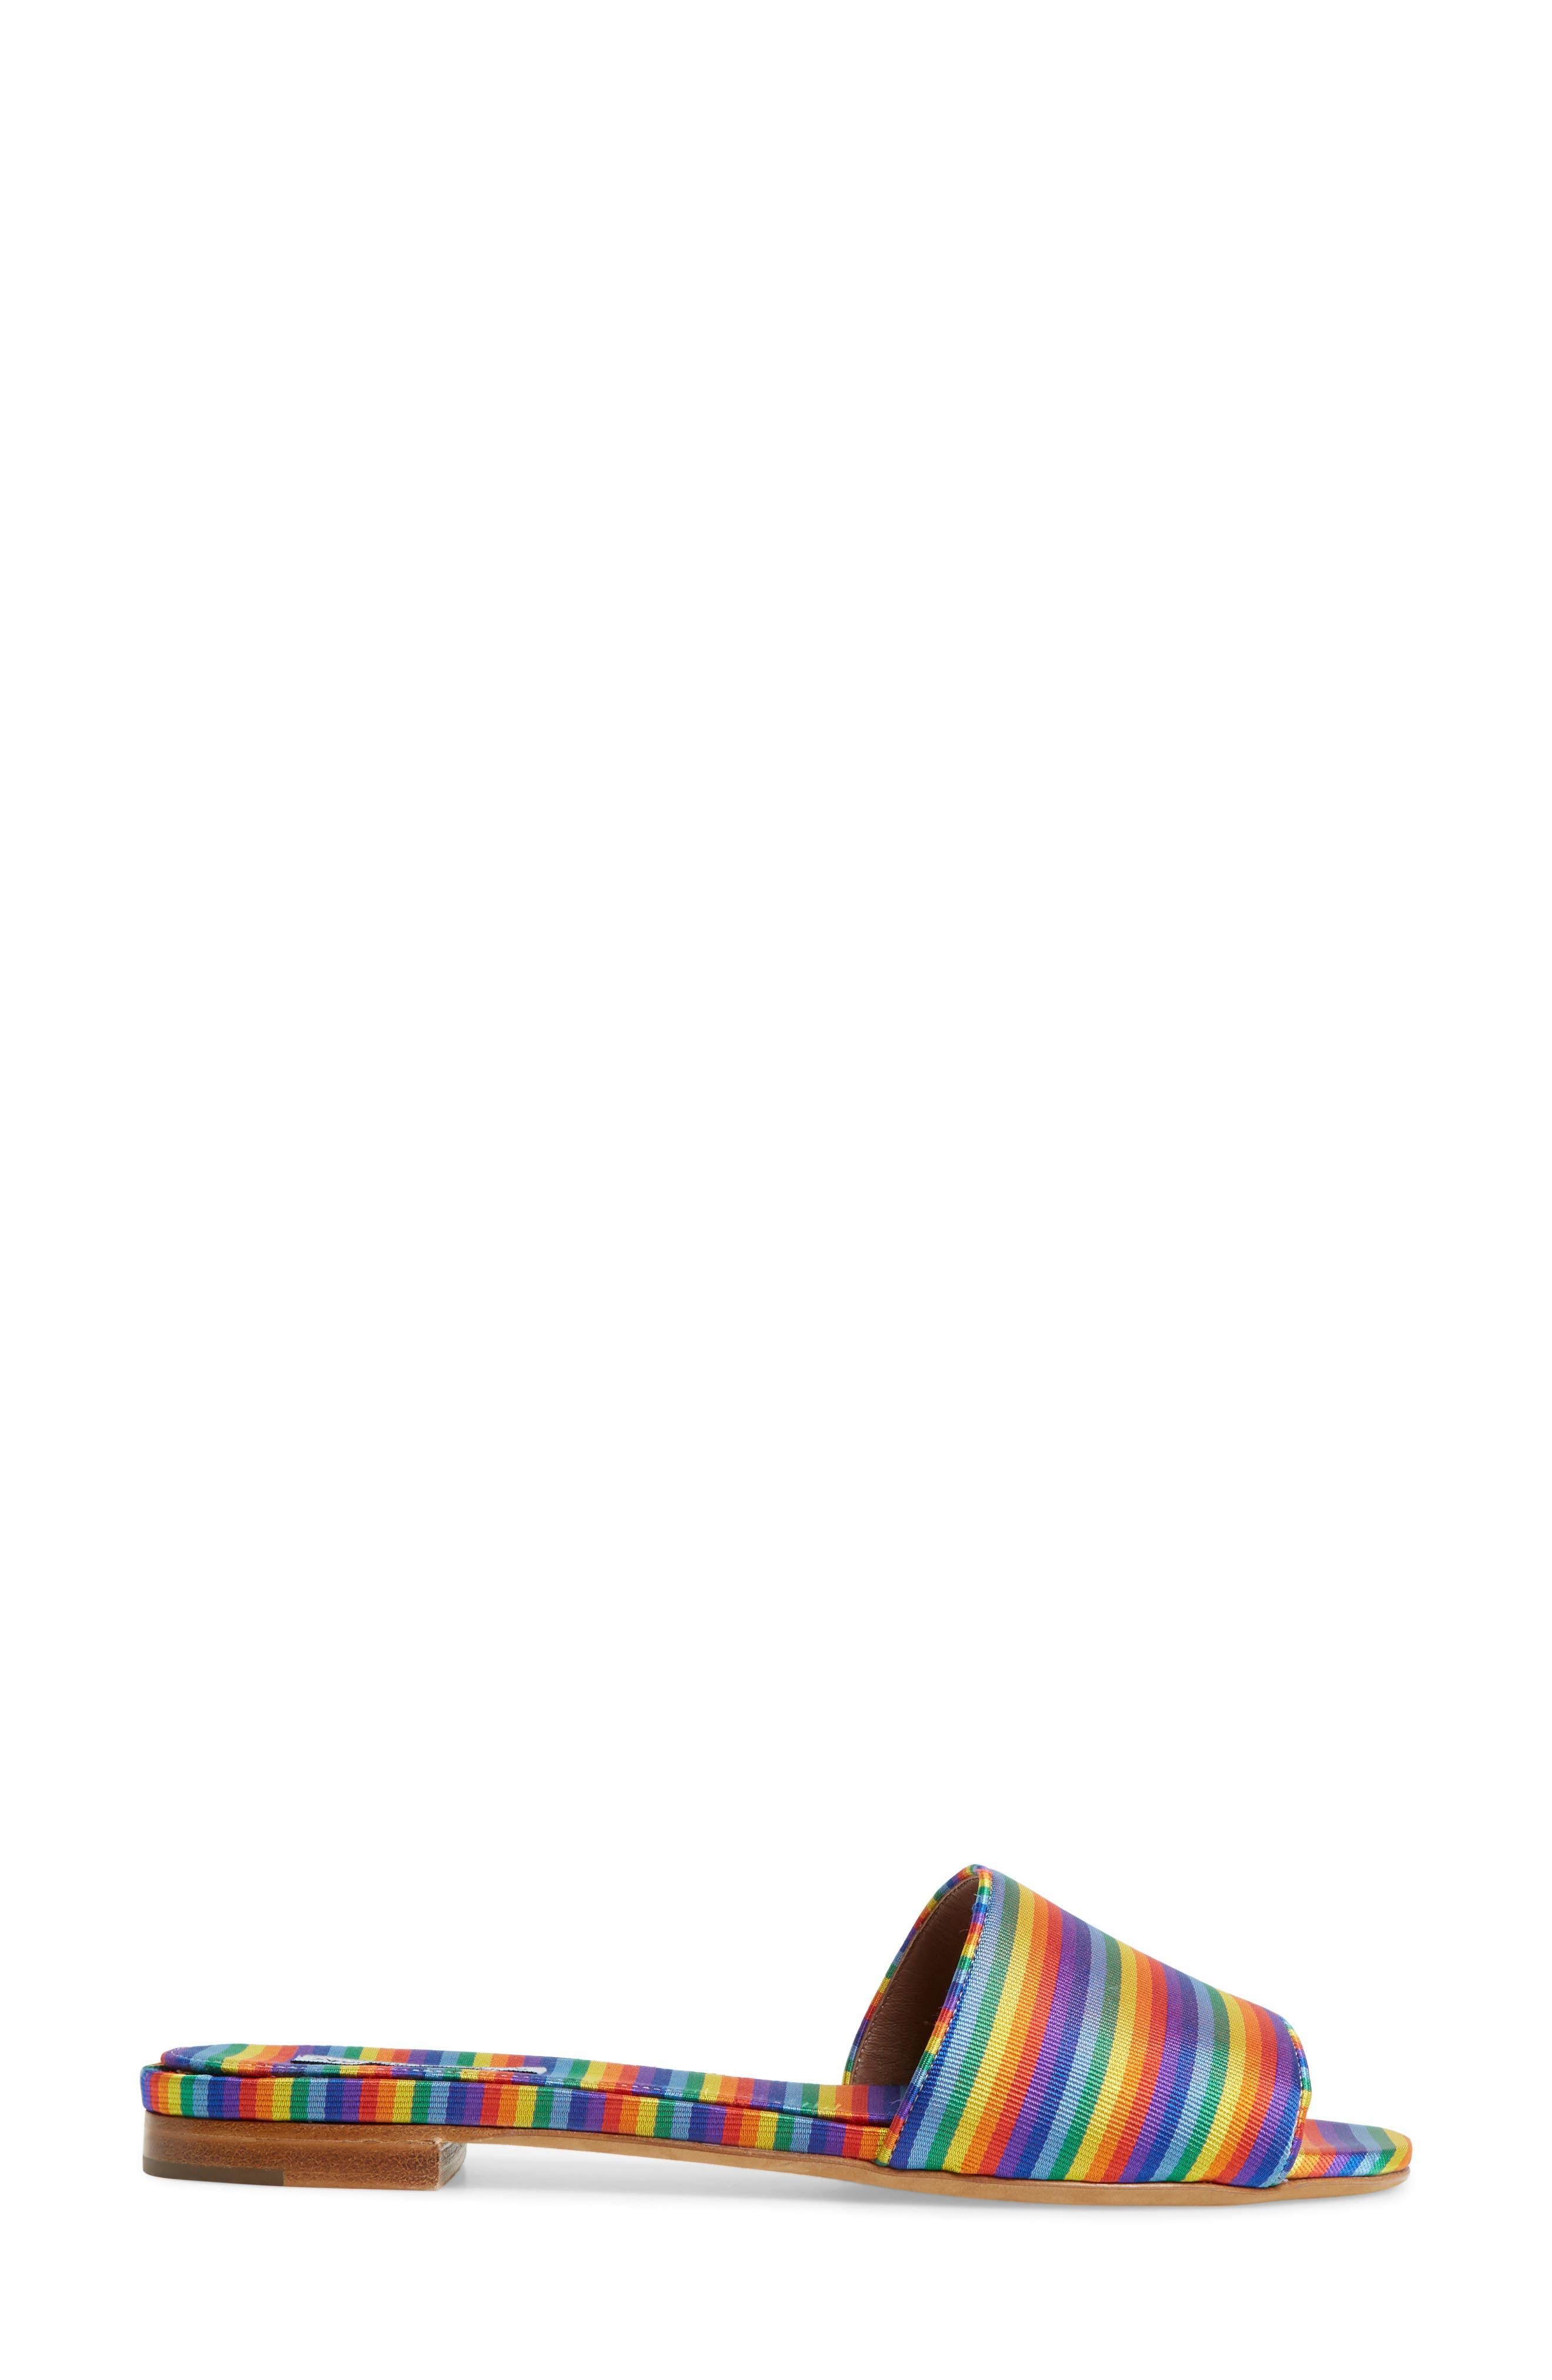 Sprinkles Slide Sandal,                             Alternate thumbnail 3, color,                             Rainbow